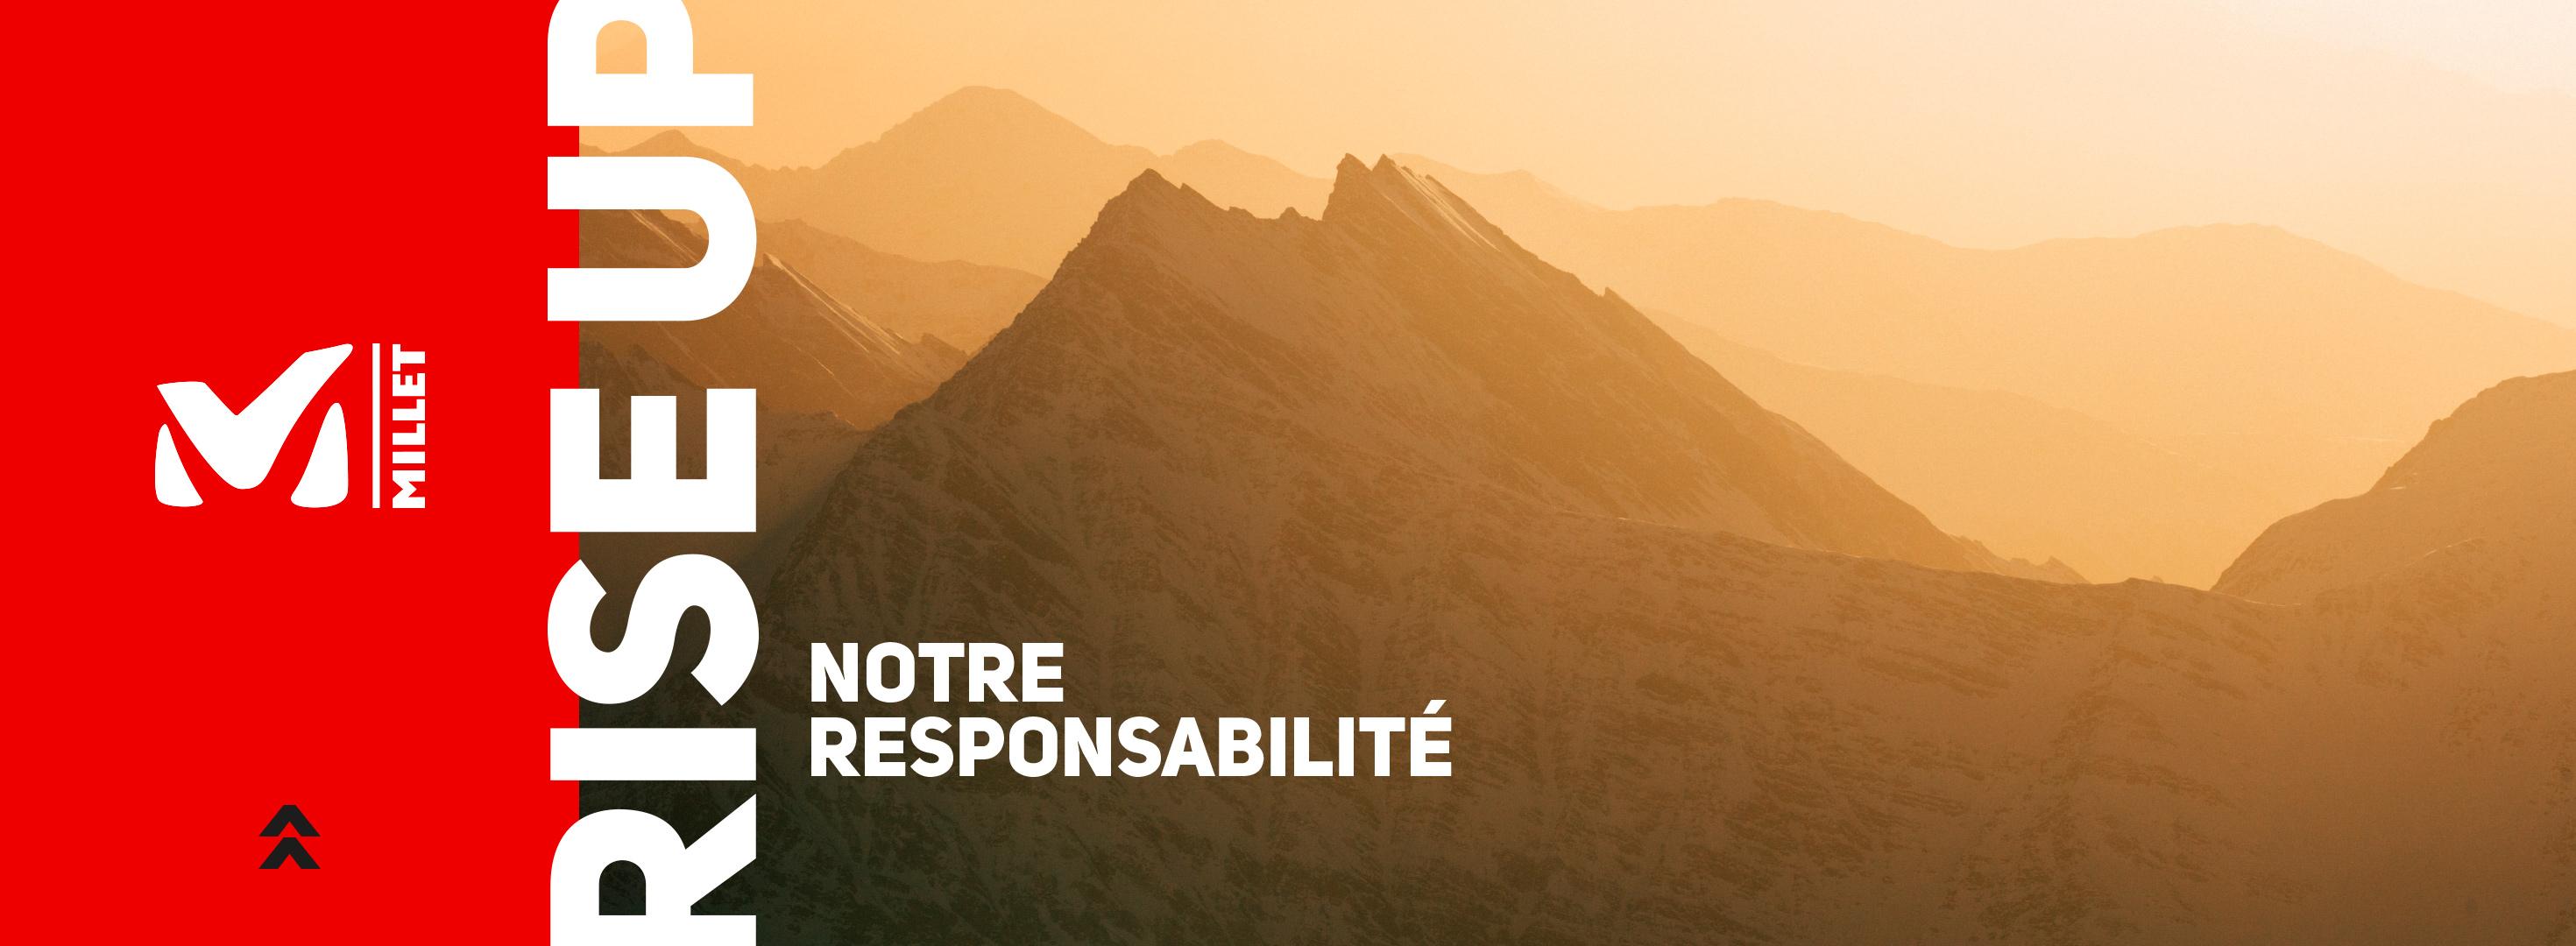 Notre responsabilité